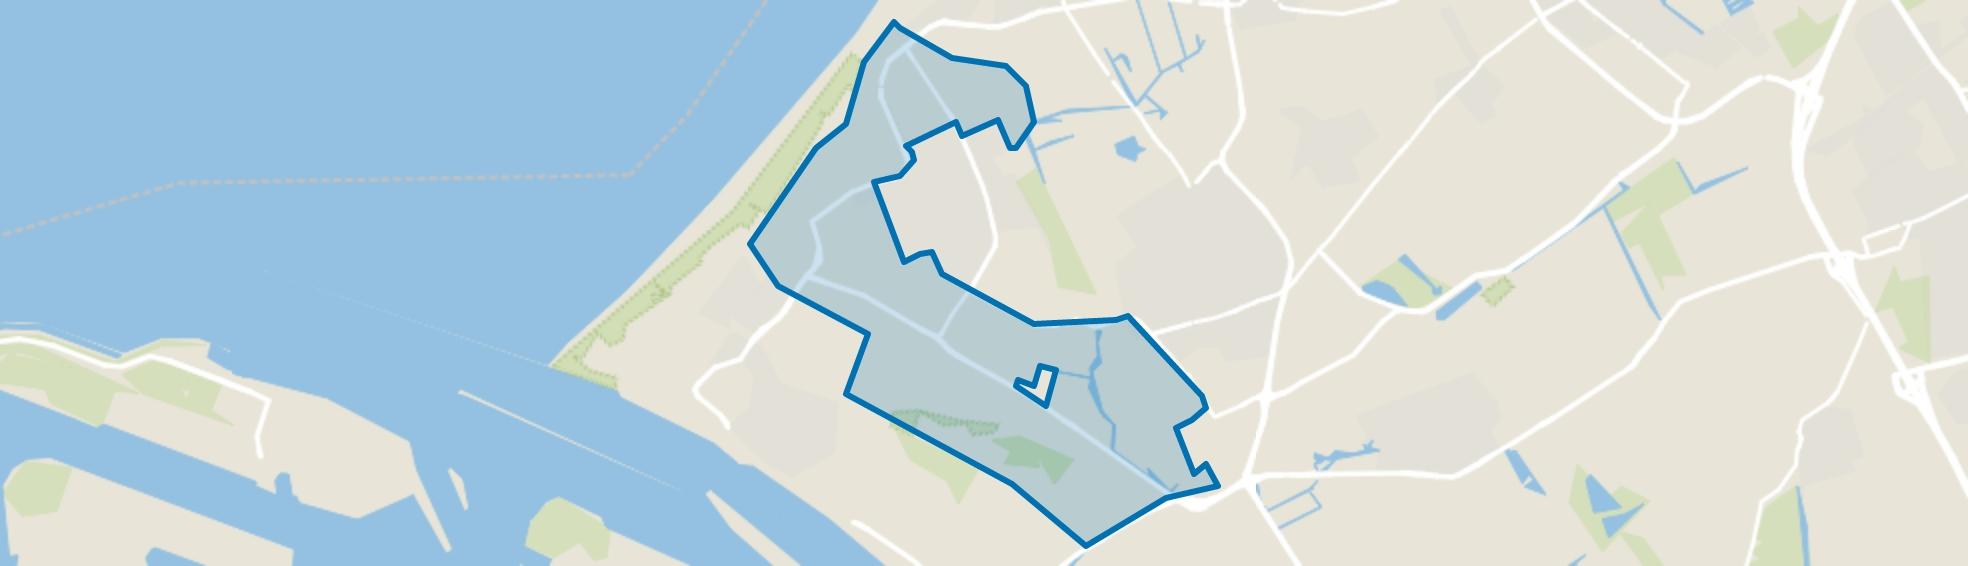 's-Gravenzande Buitengebied, 's-Gravenzande map